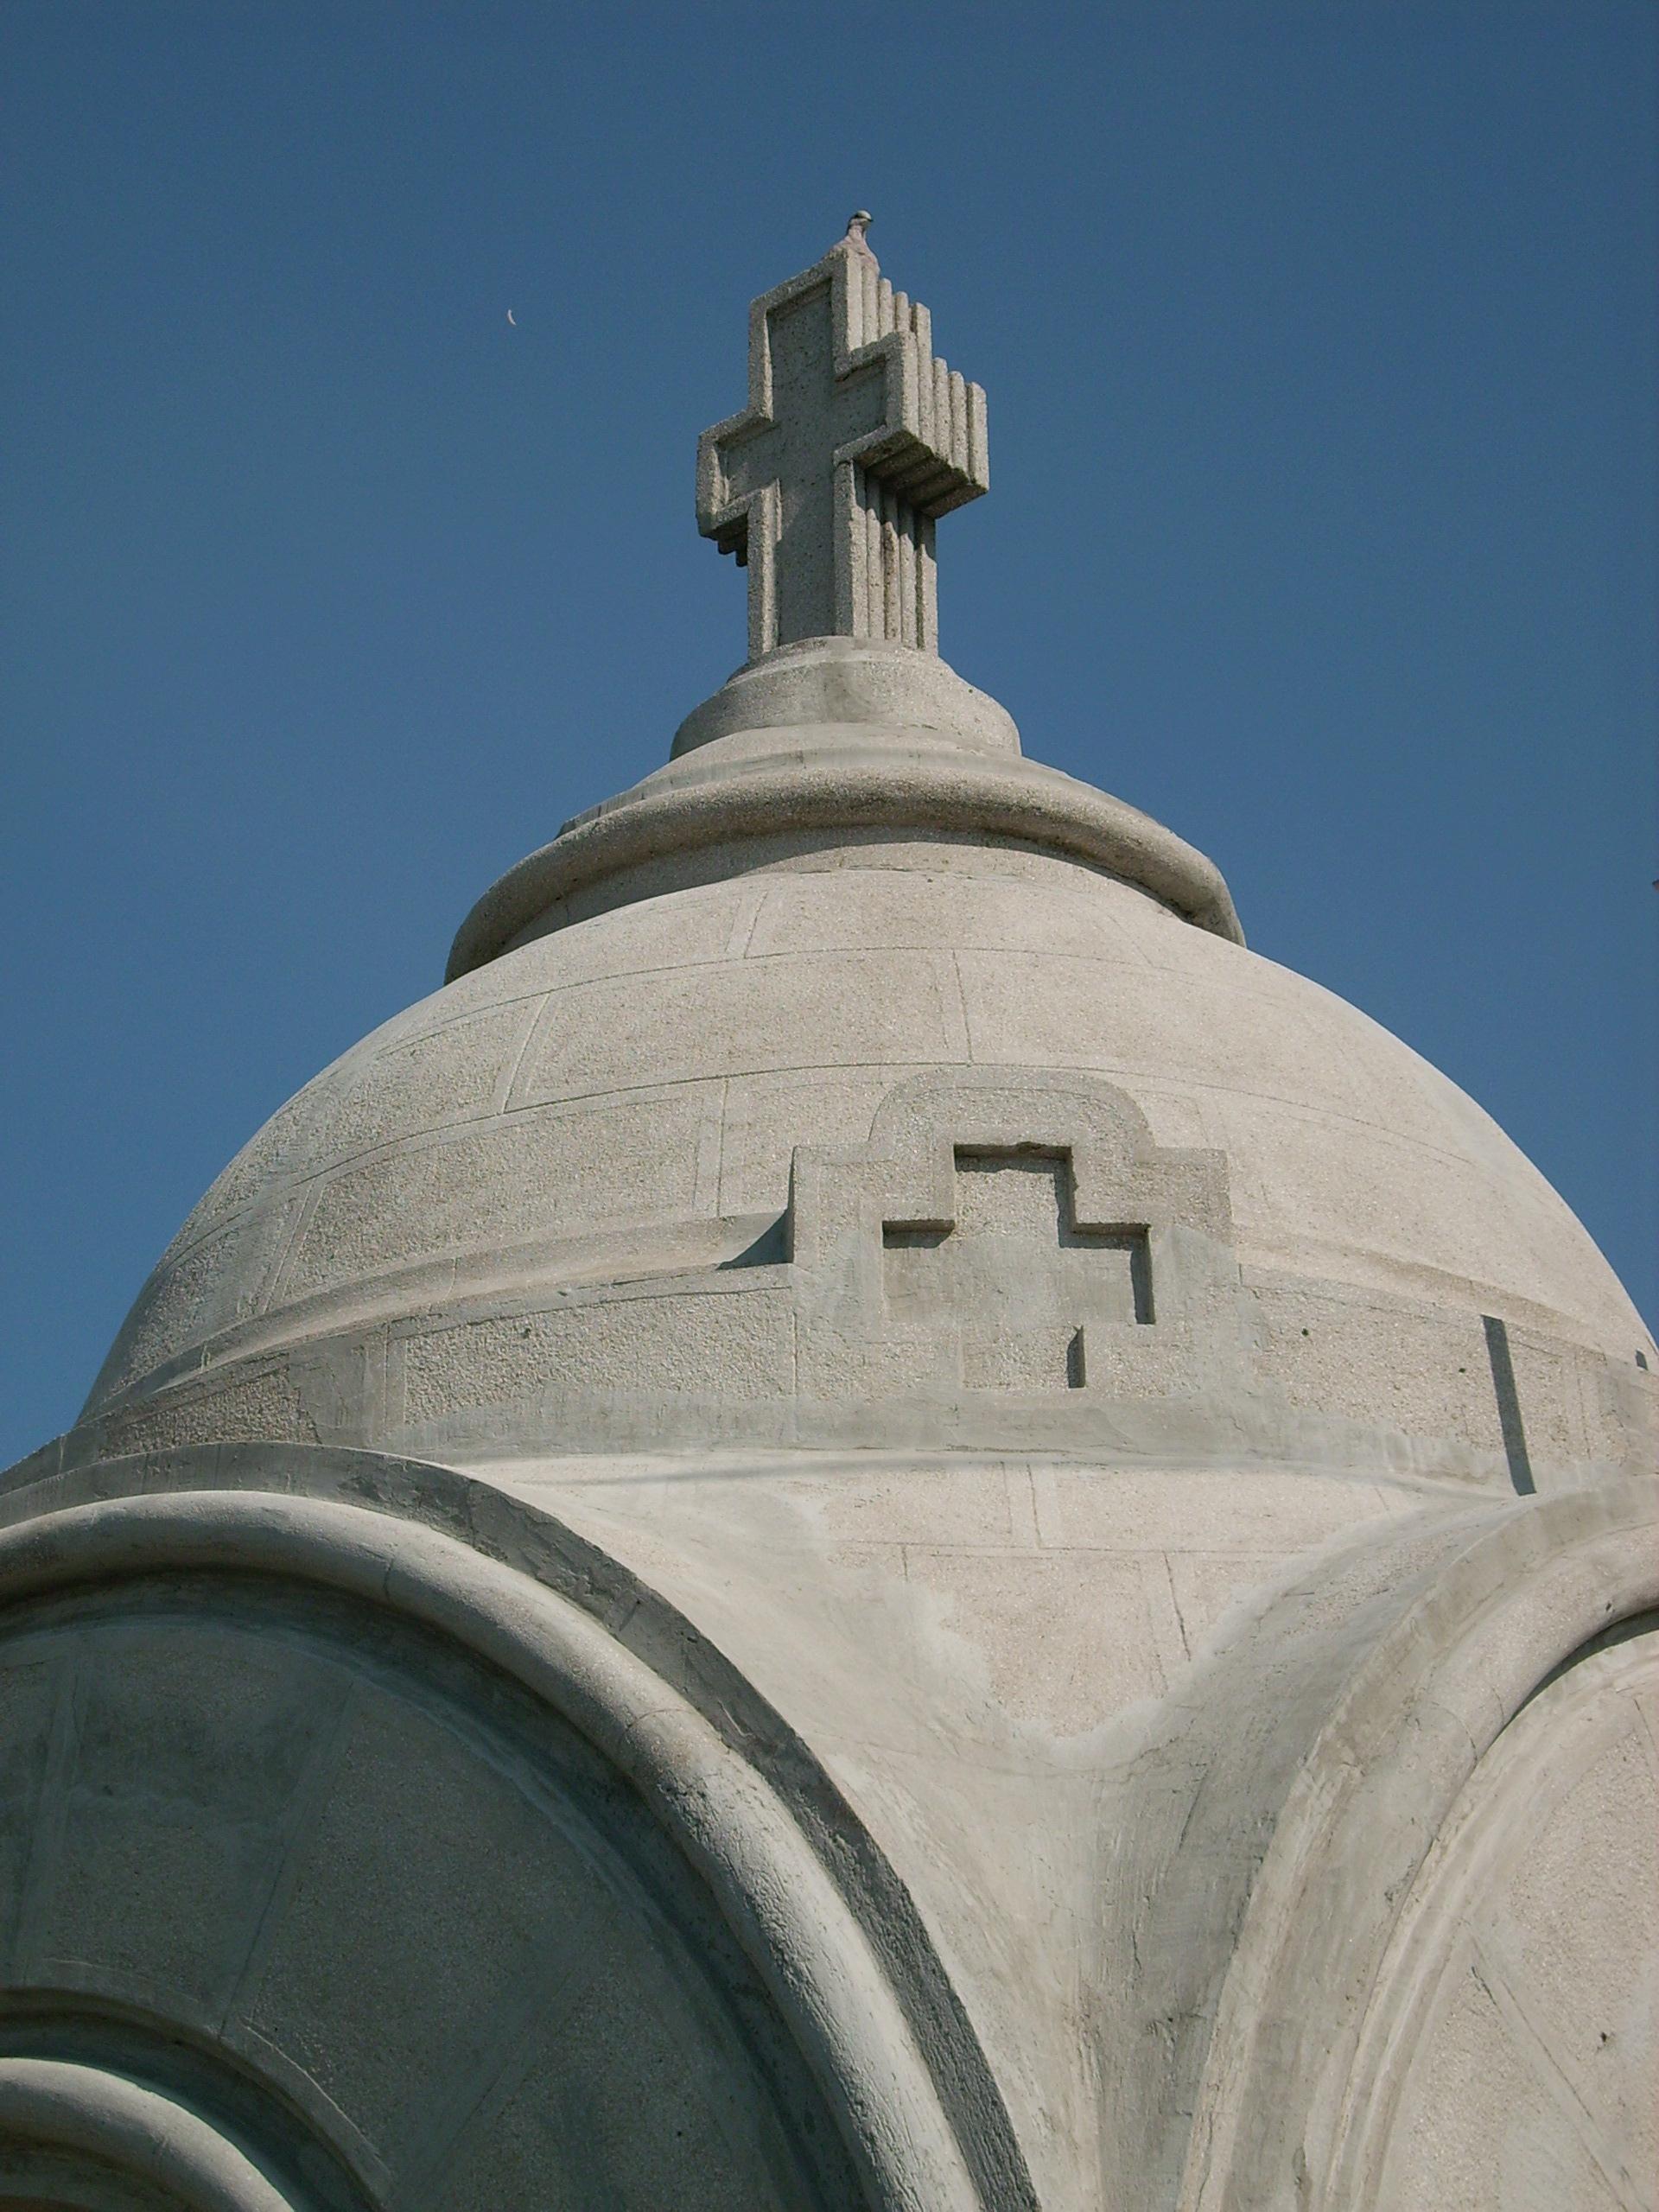 Aplicarea tratamentelor de impermeabilizare - Monument funerar UNICO PROFIT - Poza 9